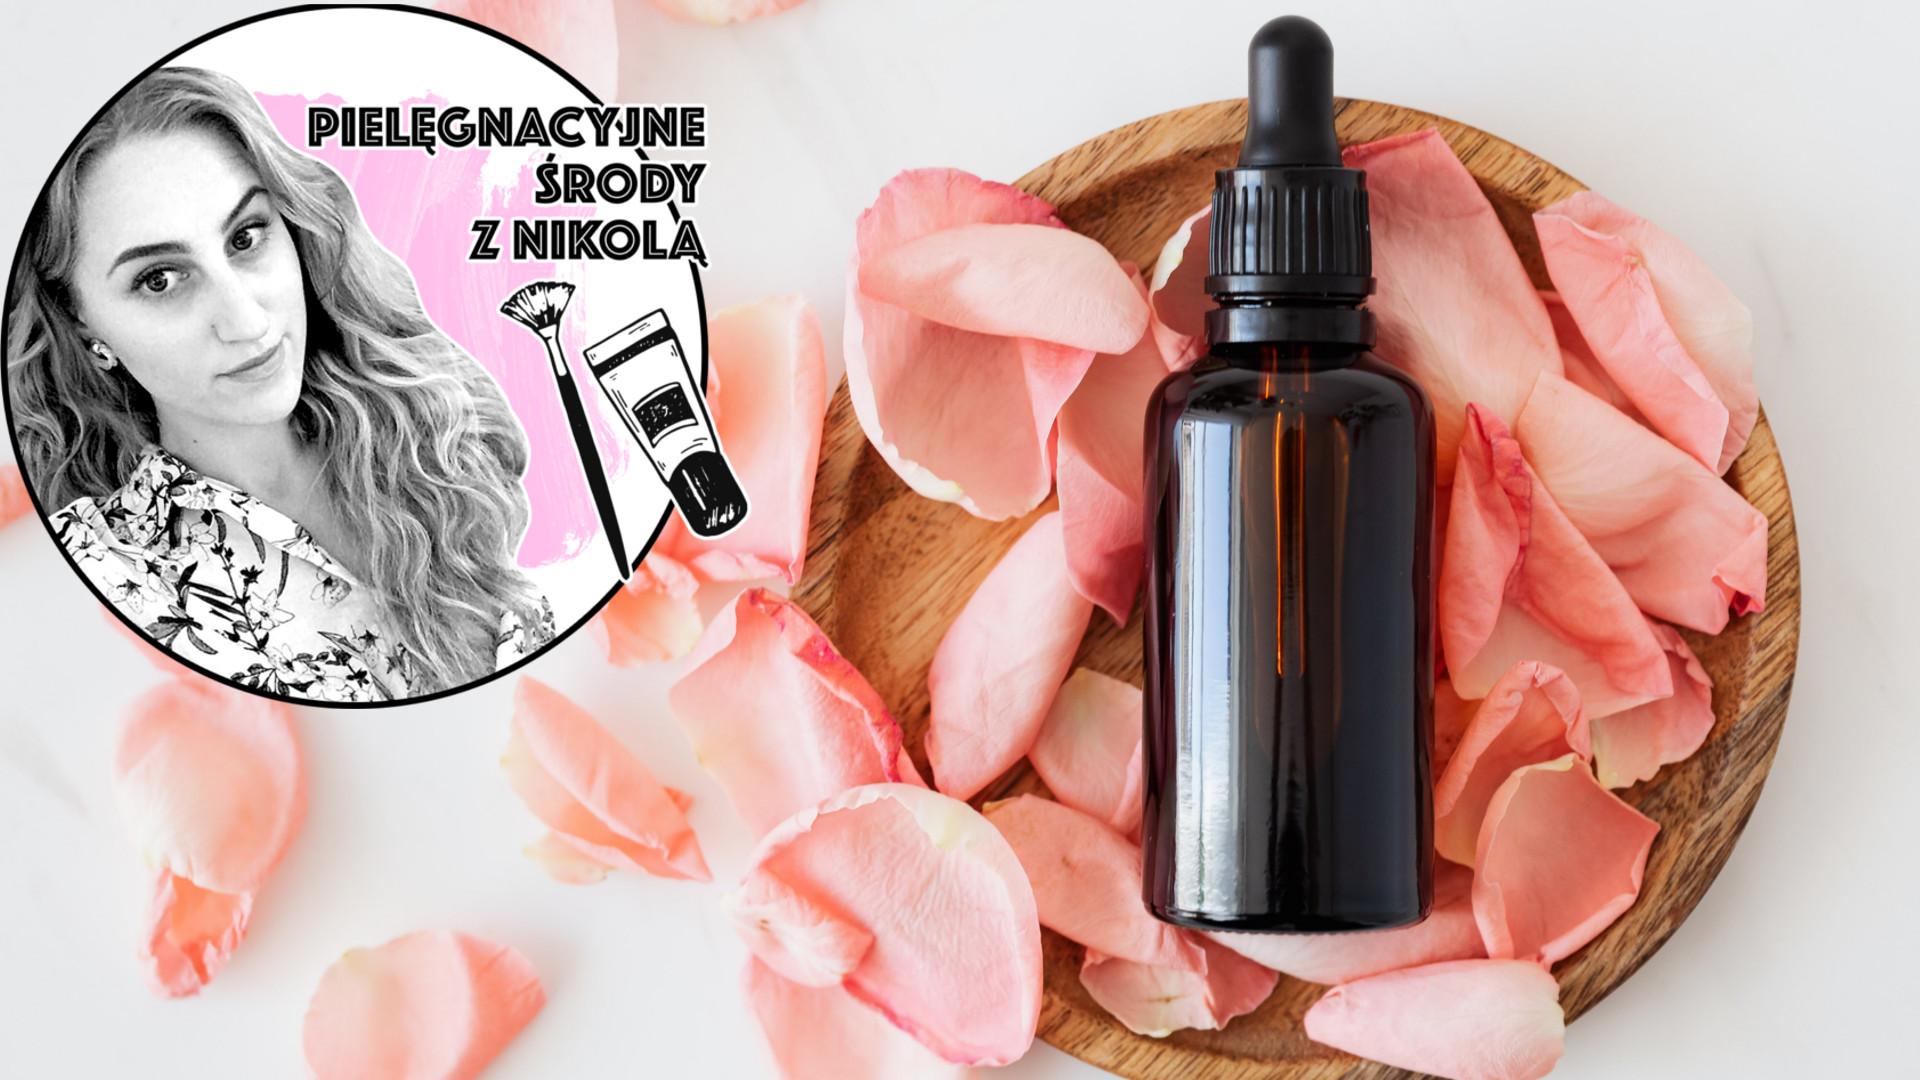 Kosmetyki DIY, które z łatwością przygotujesz w domu. Cukrowy peeling, serum do twarzy i więcej (PIELĘGNACYJNE ŚRODY)